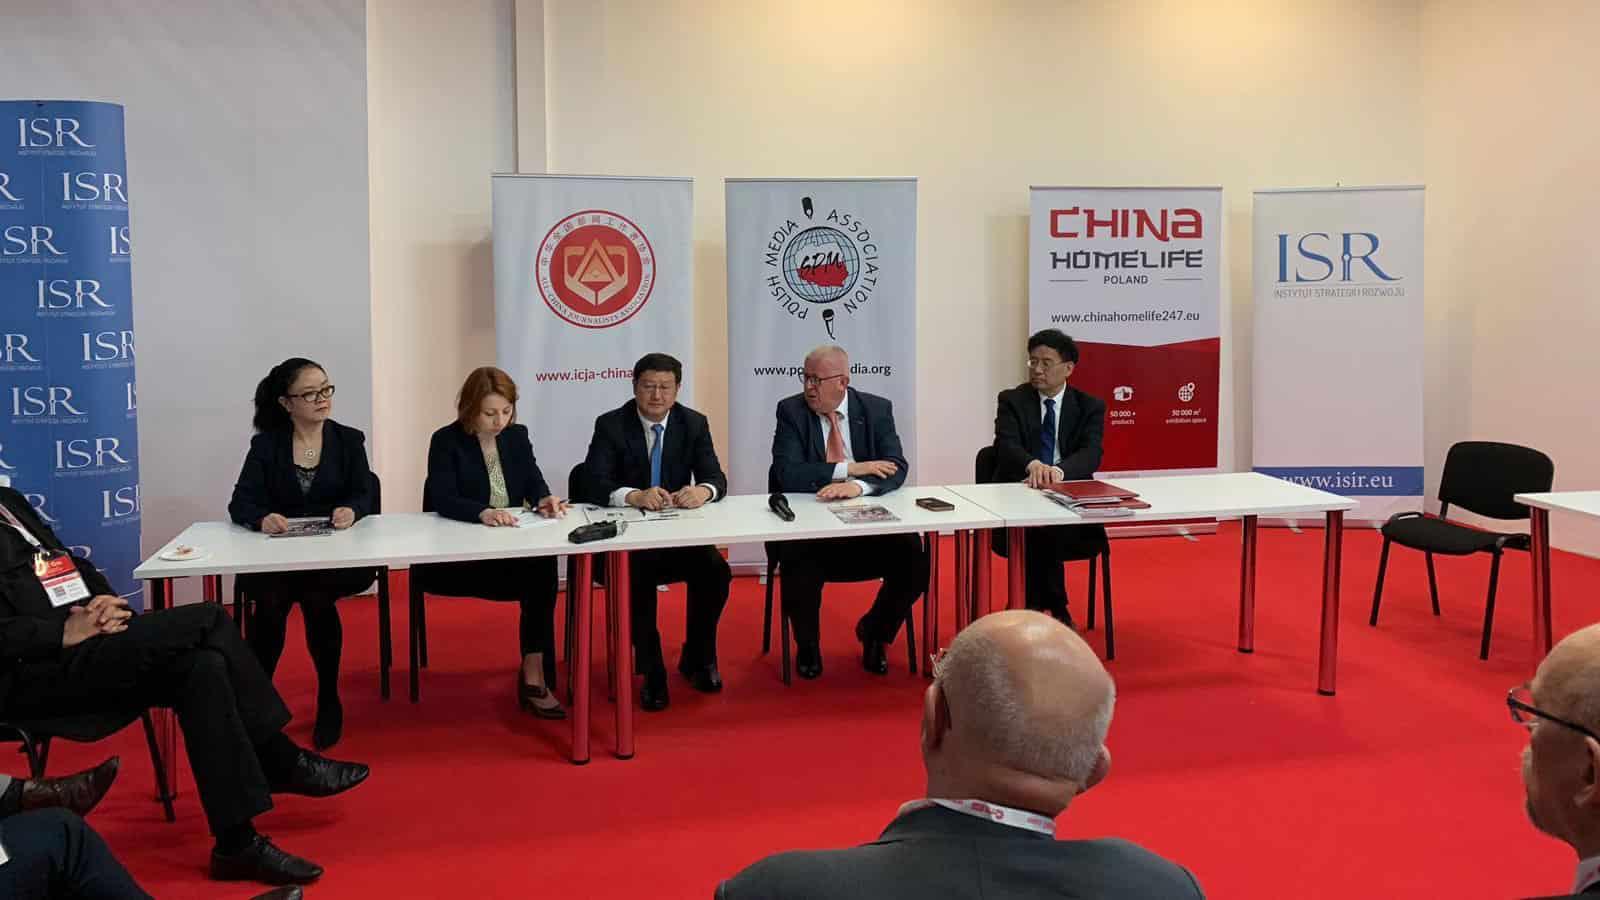 III Kongresie Gospodarczym Europy Centralnej I Wschodniej 1